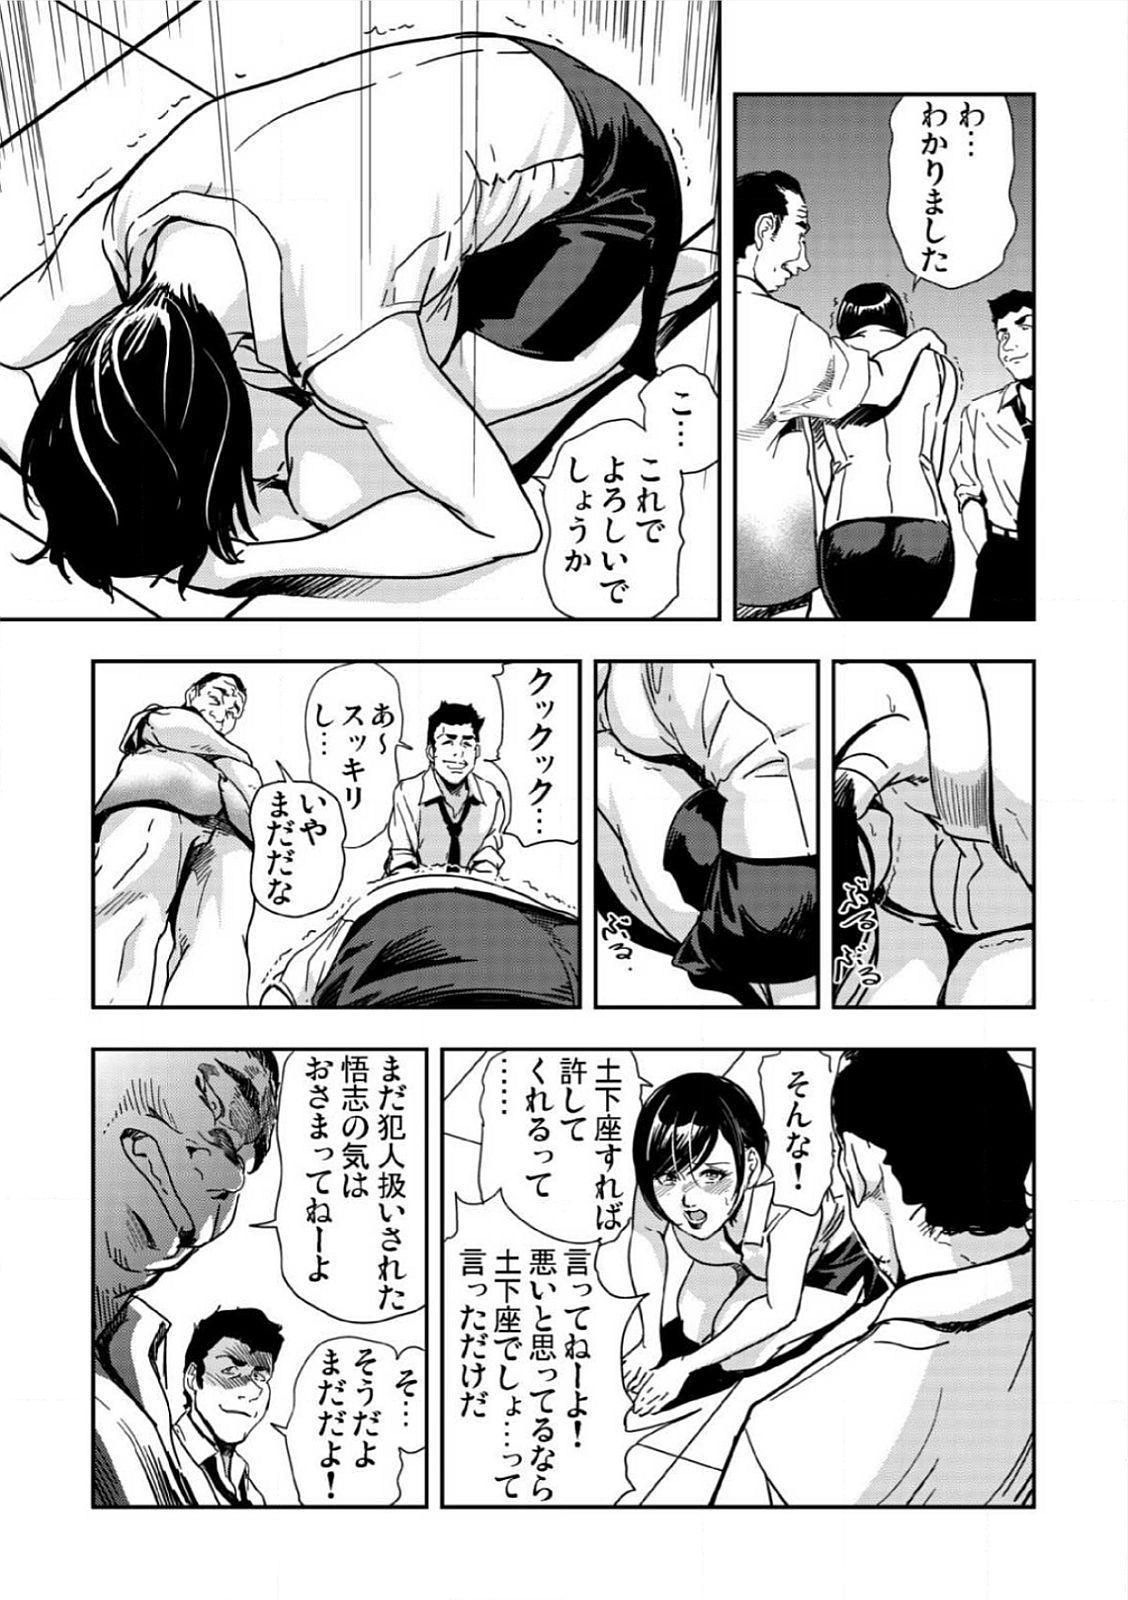 [Misaki Yukihiro] Kyousei Shidou ~Mechakucha ni Kegasarete~ (1)~(6) [Digital] 146